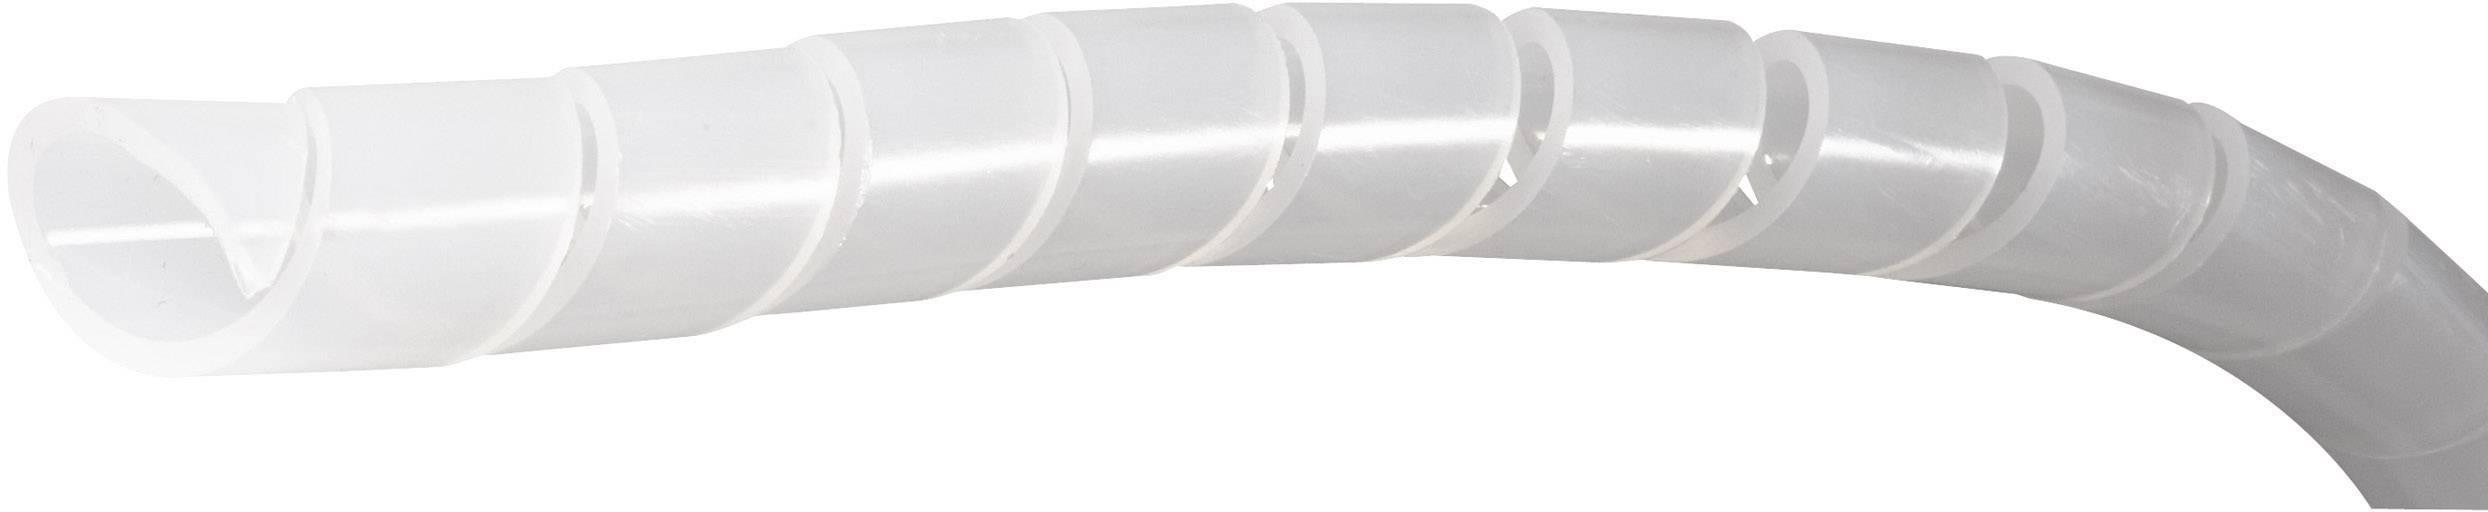 Špirálový káblový oplet PB Fastener SB 120E, 20 do 120 mm, metrový tovar, prírodná